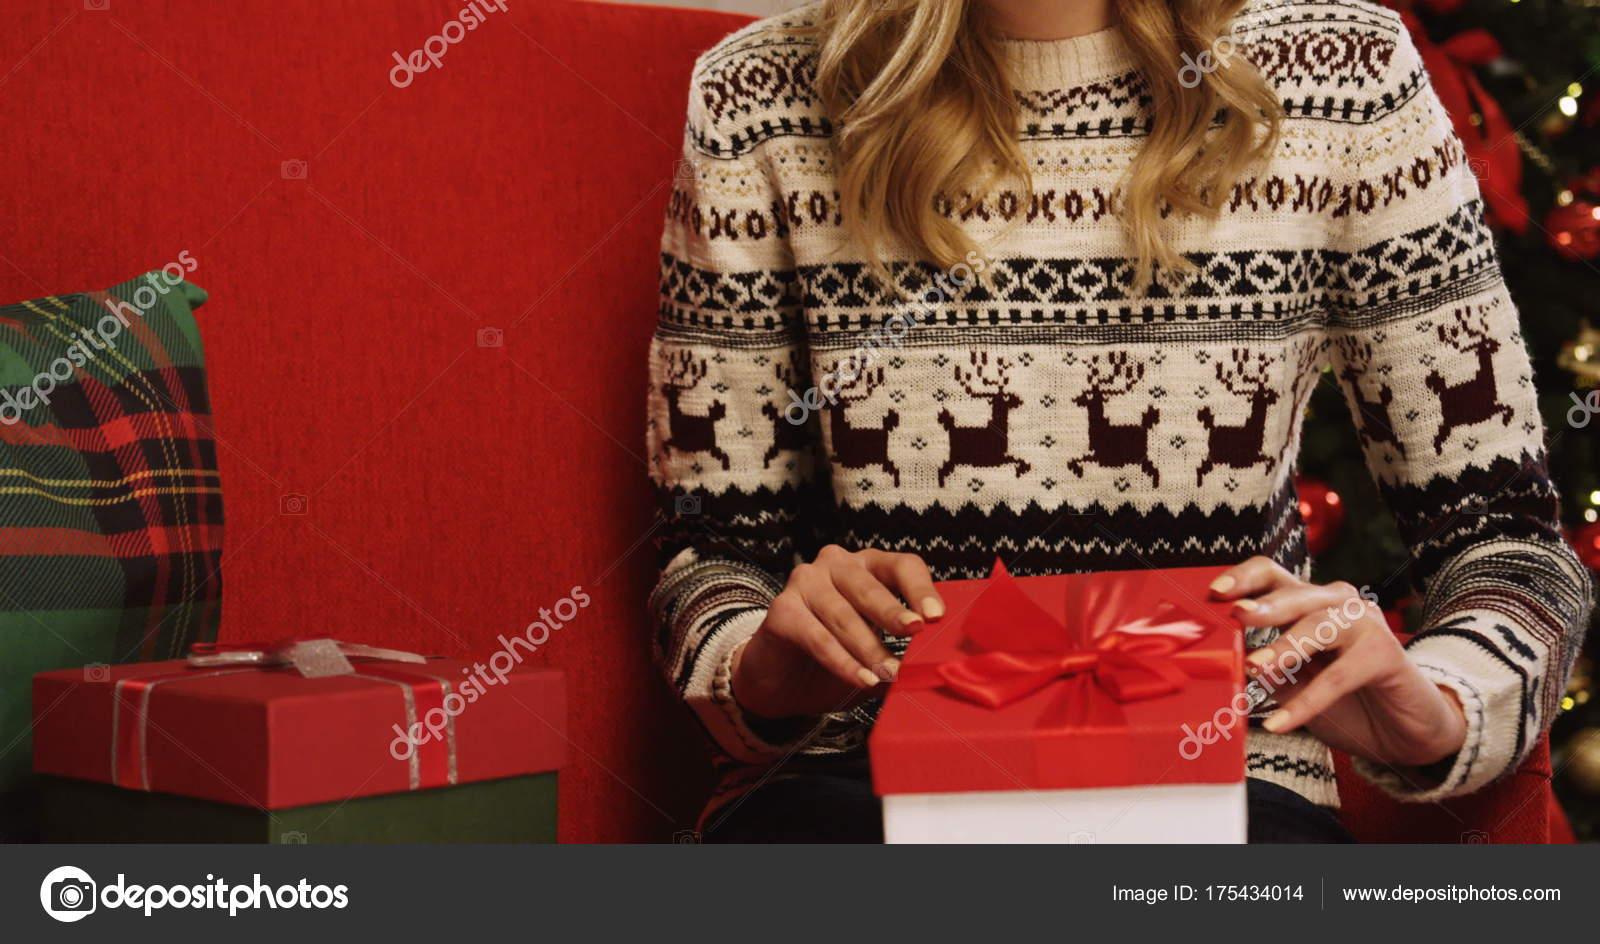 Frau öffnen Weihnachtsgeschenk — Stockfoto © mstockagency #175434014